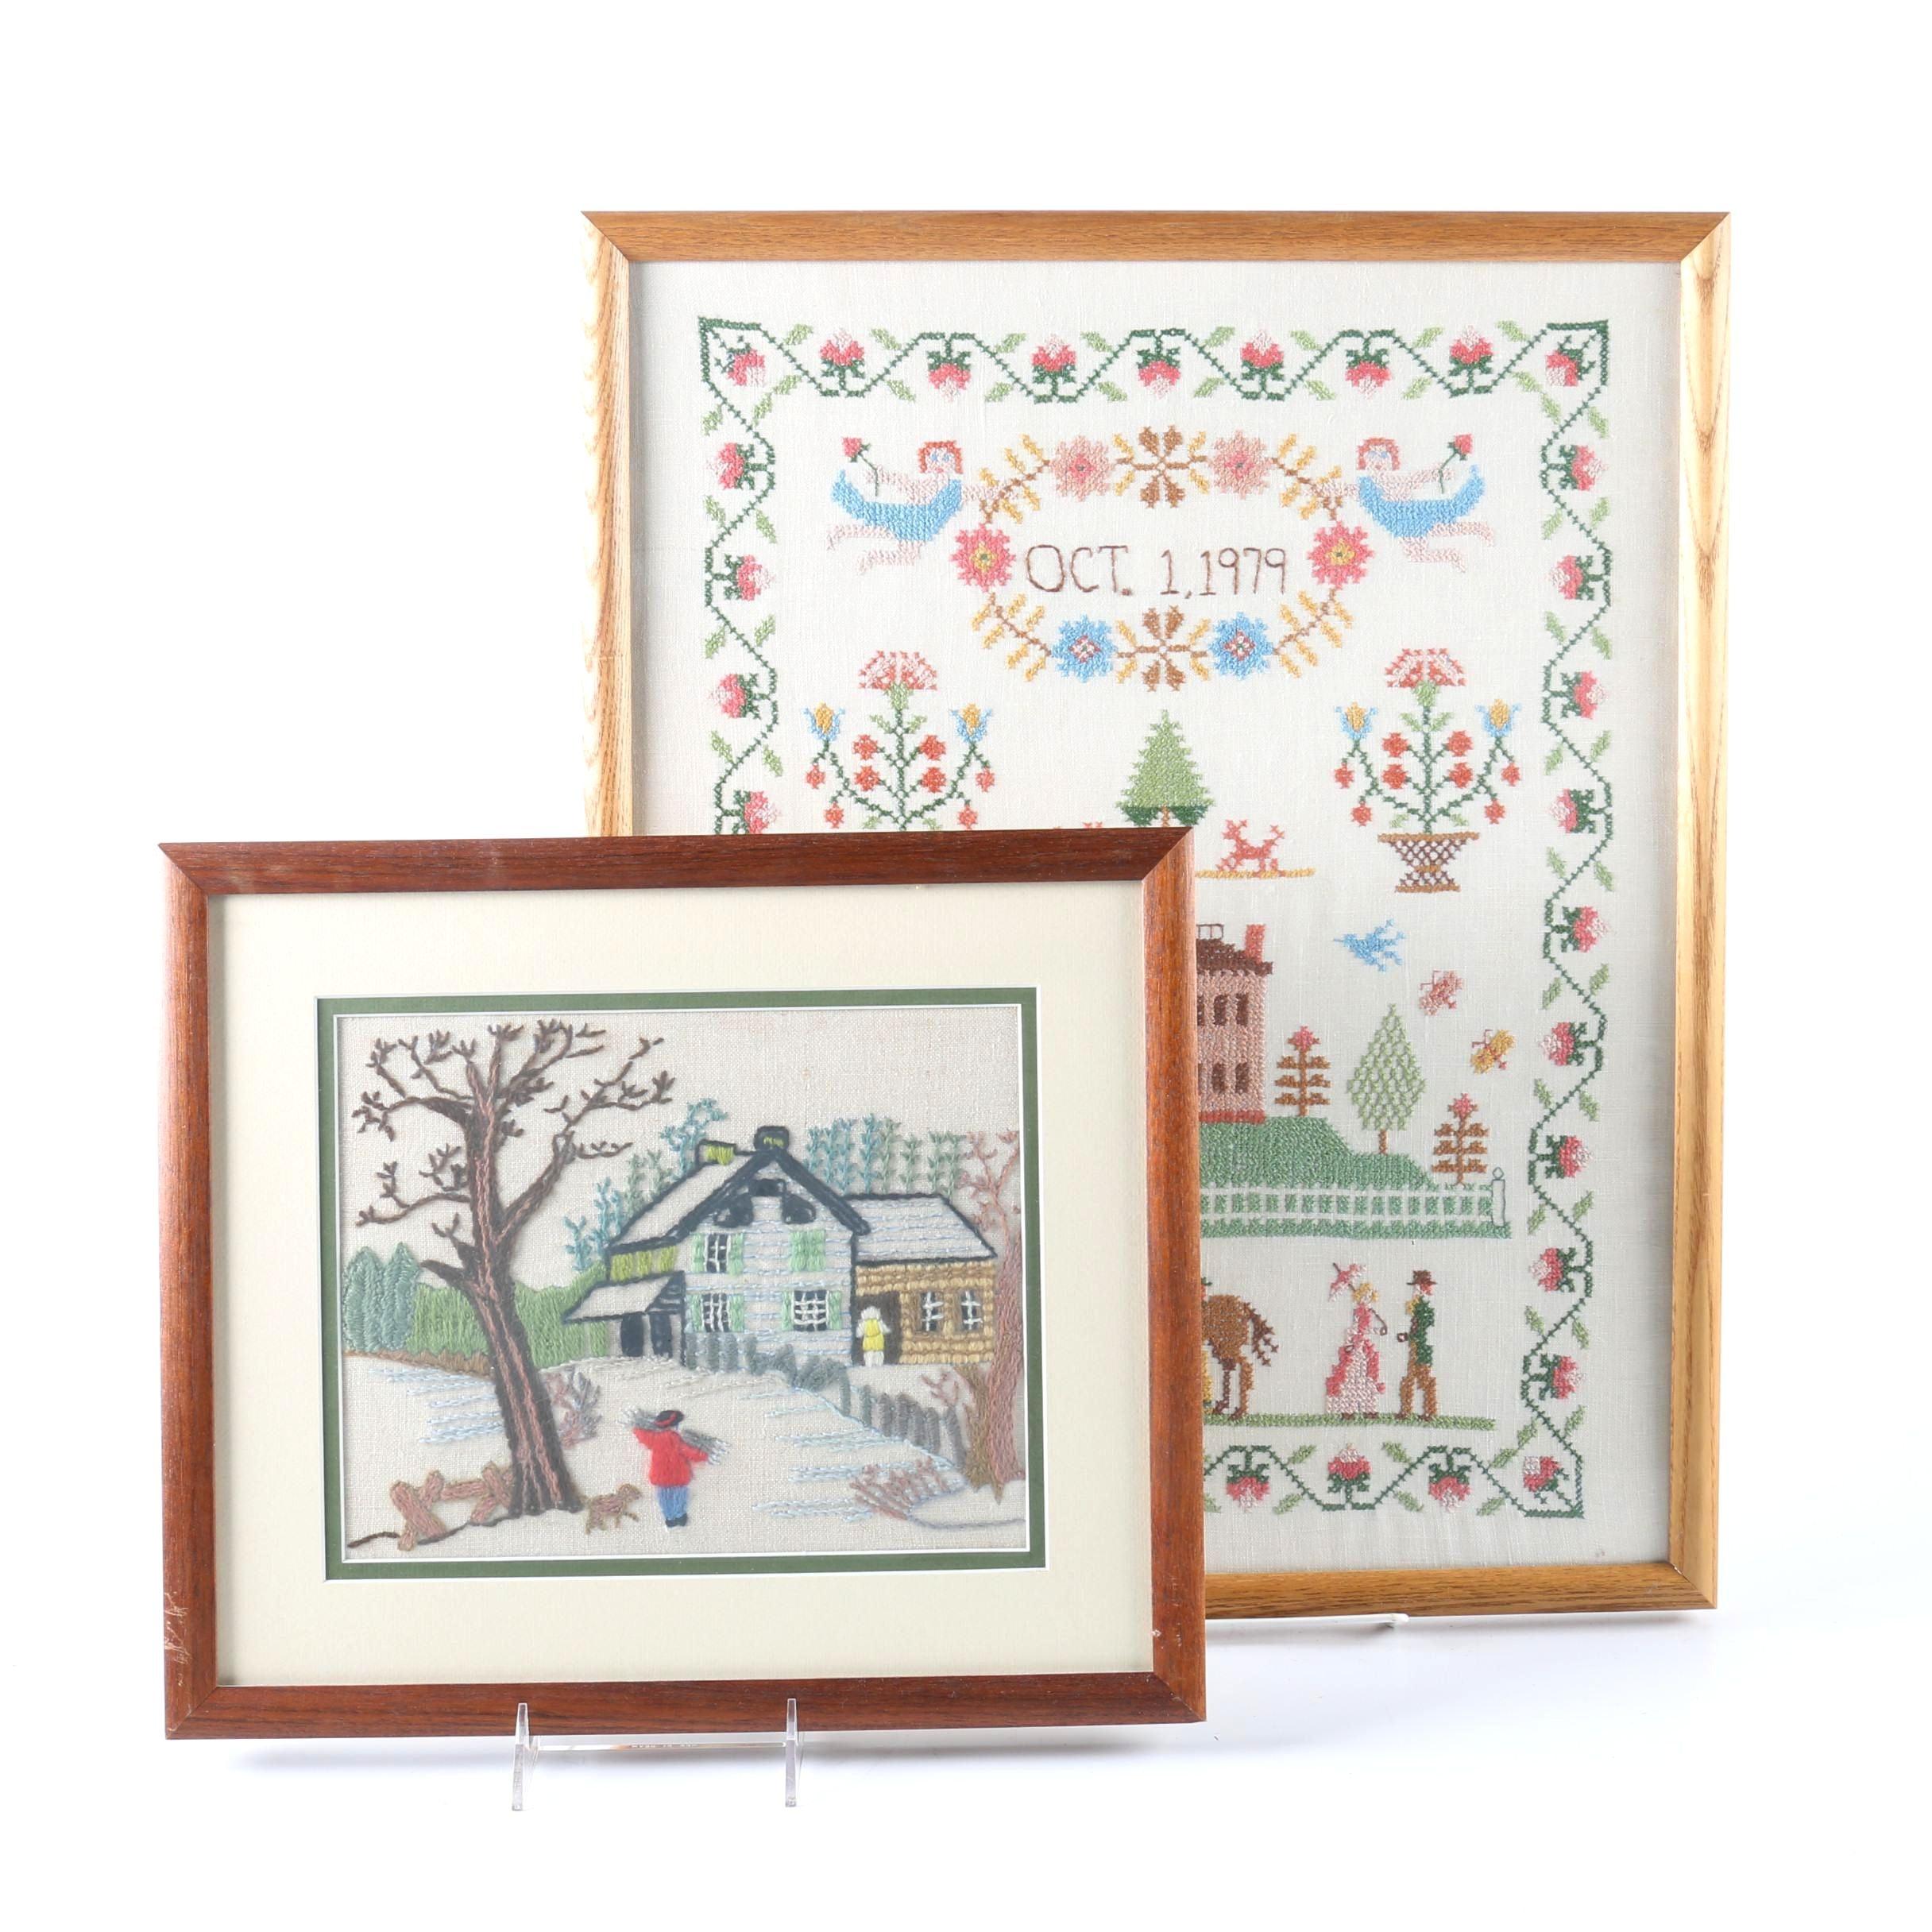 Framed Textile Scenes